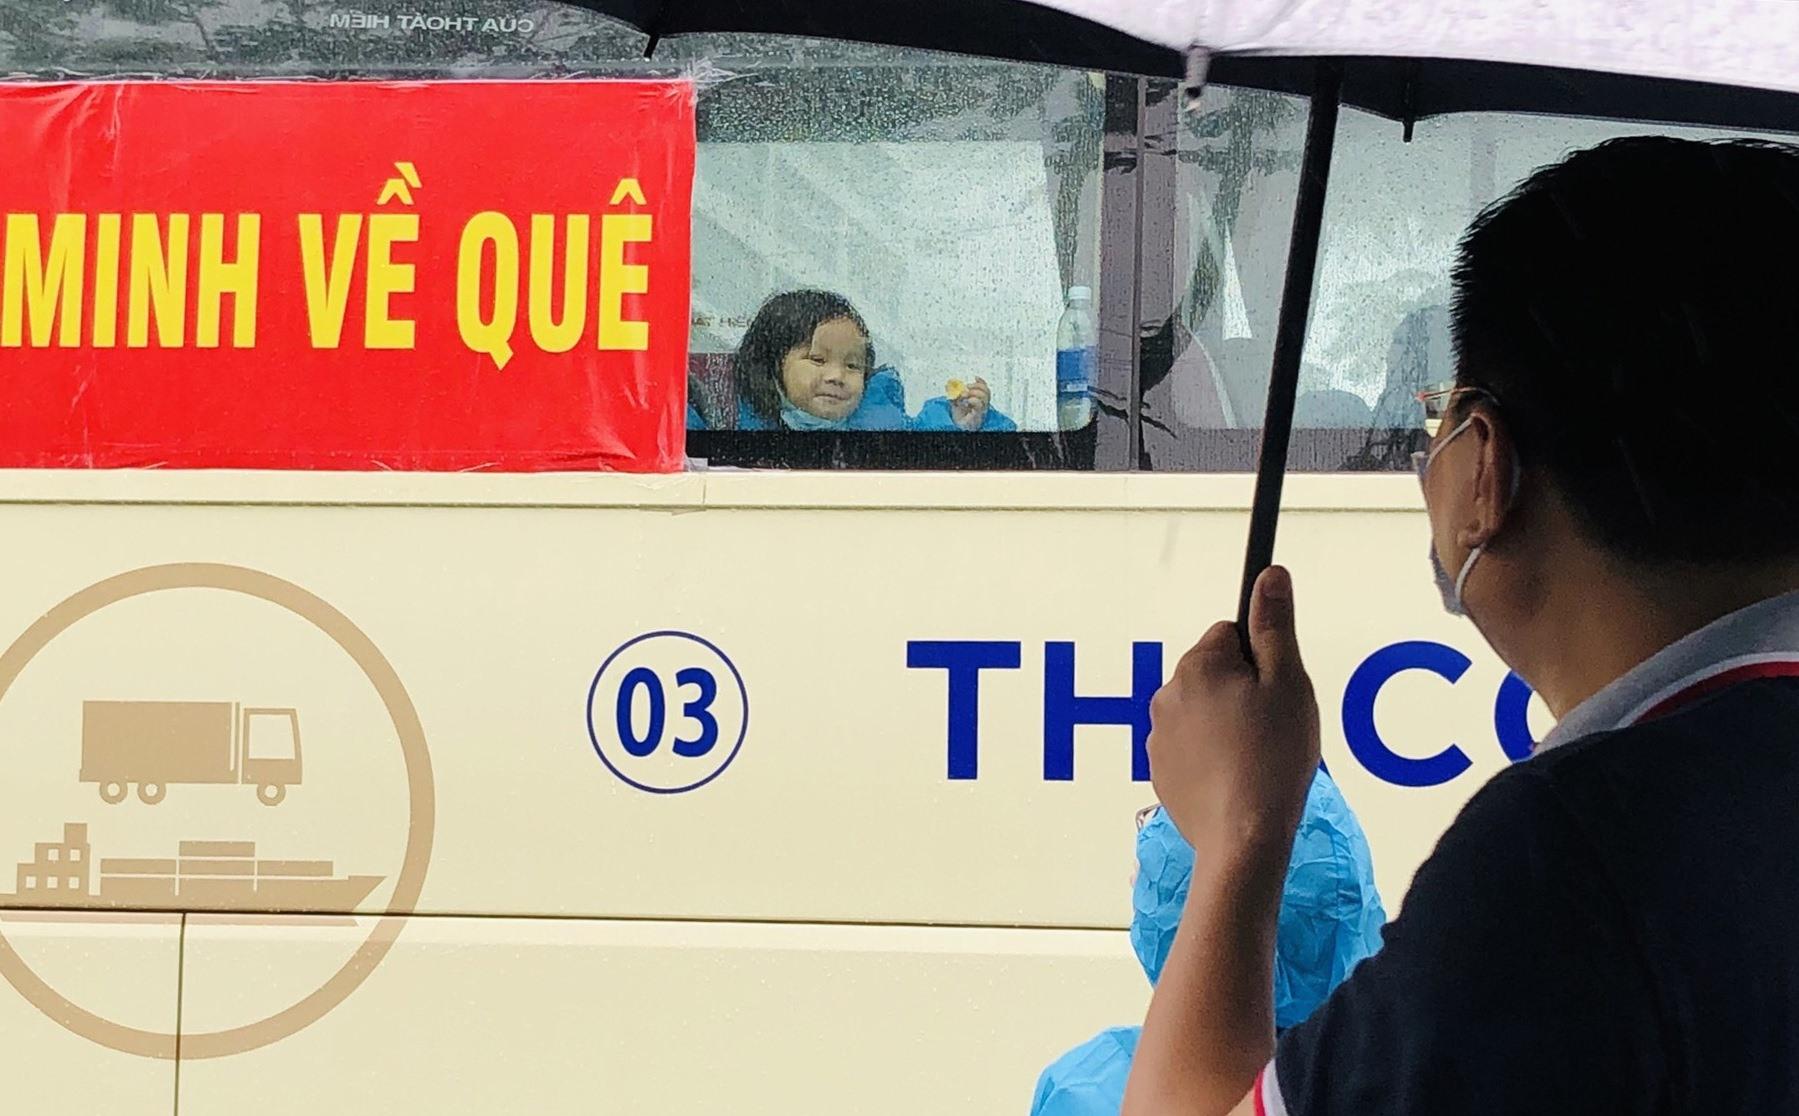 Tạm biệt Sài Gòn. Ảnh:C.K